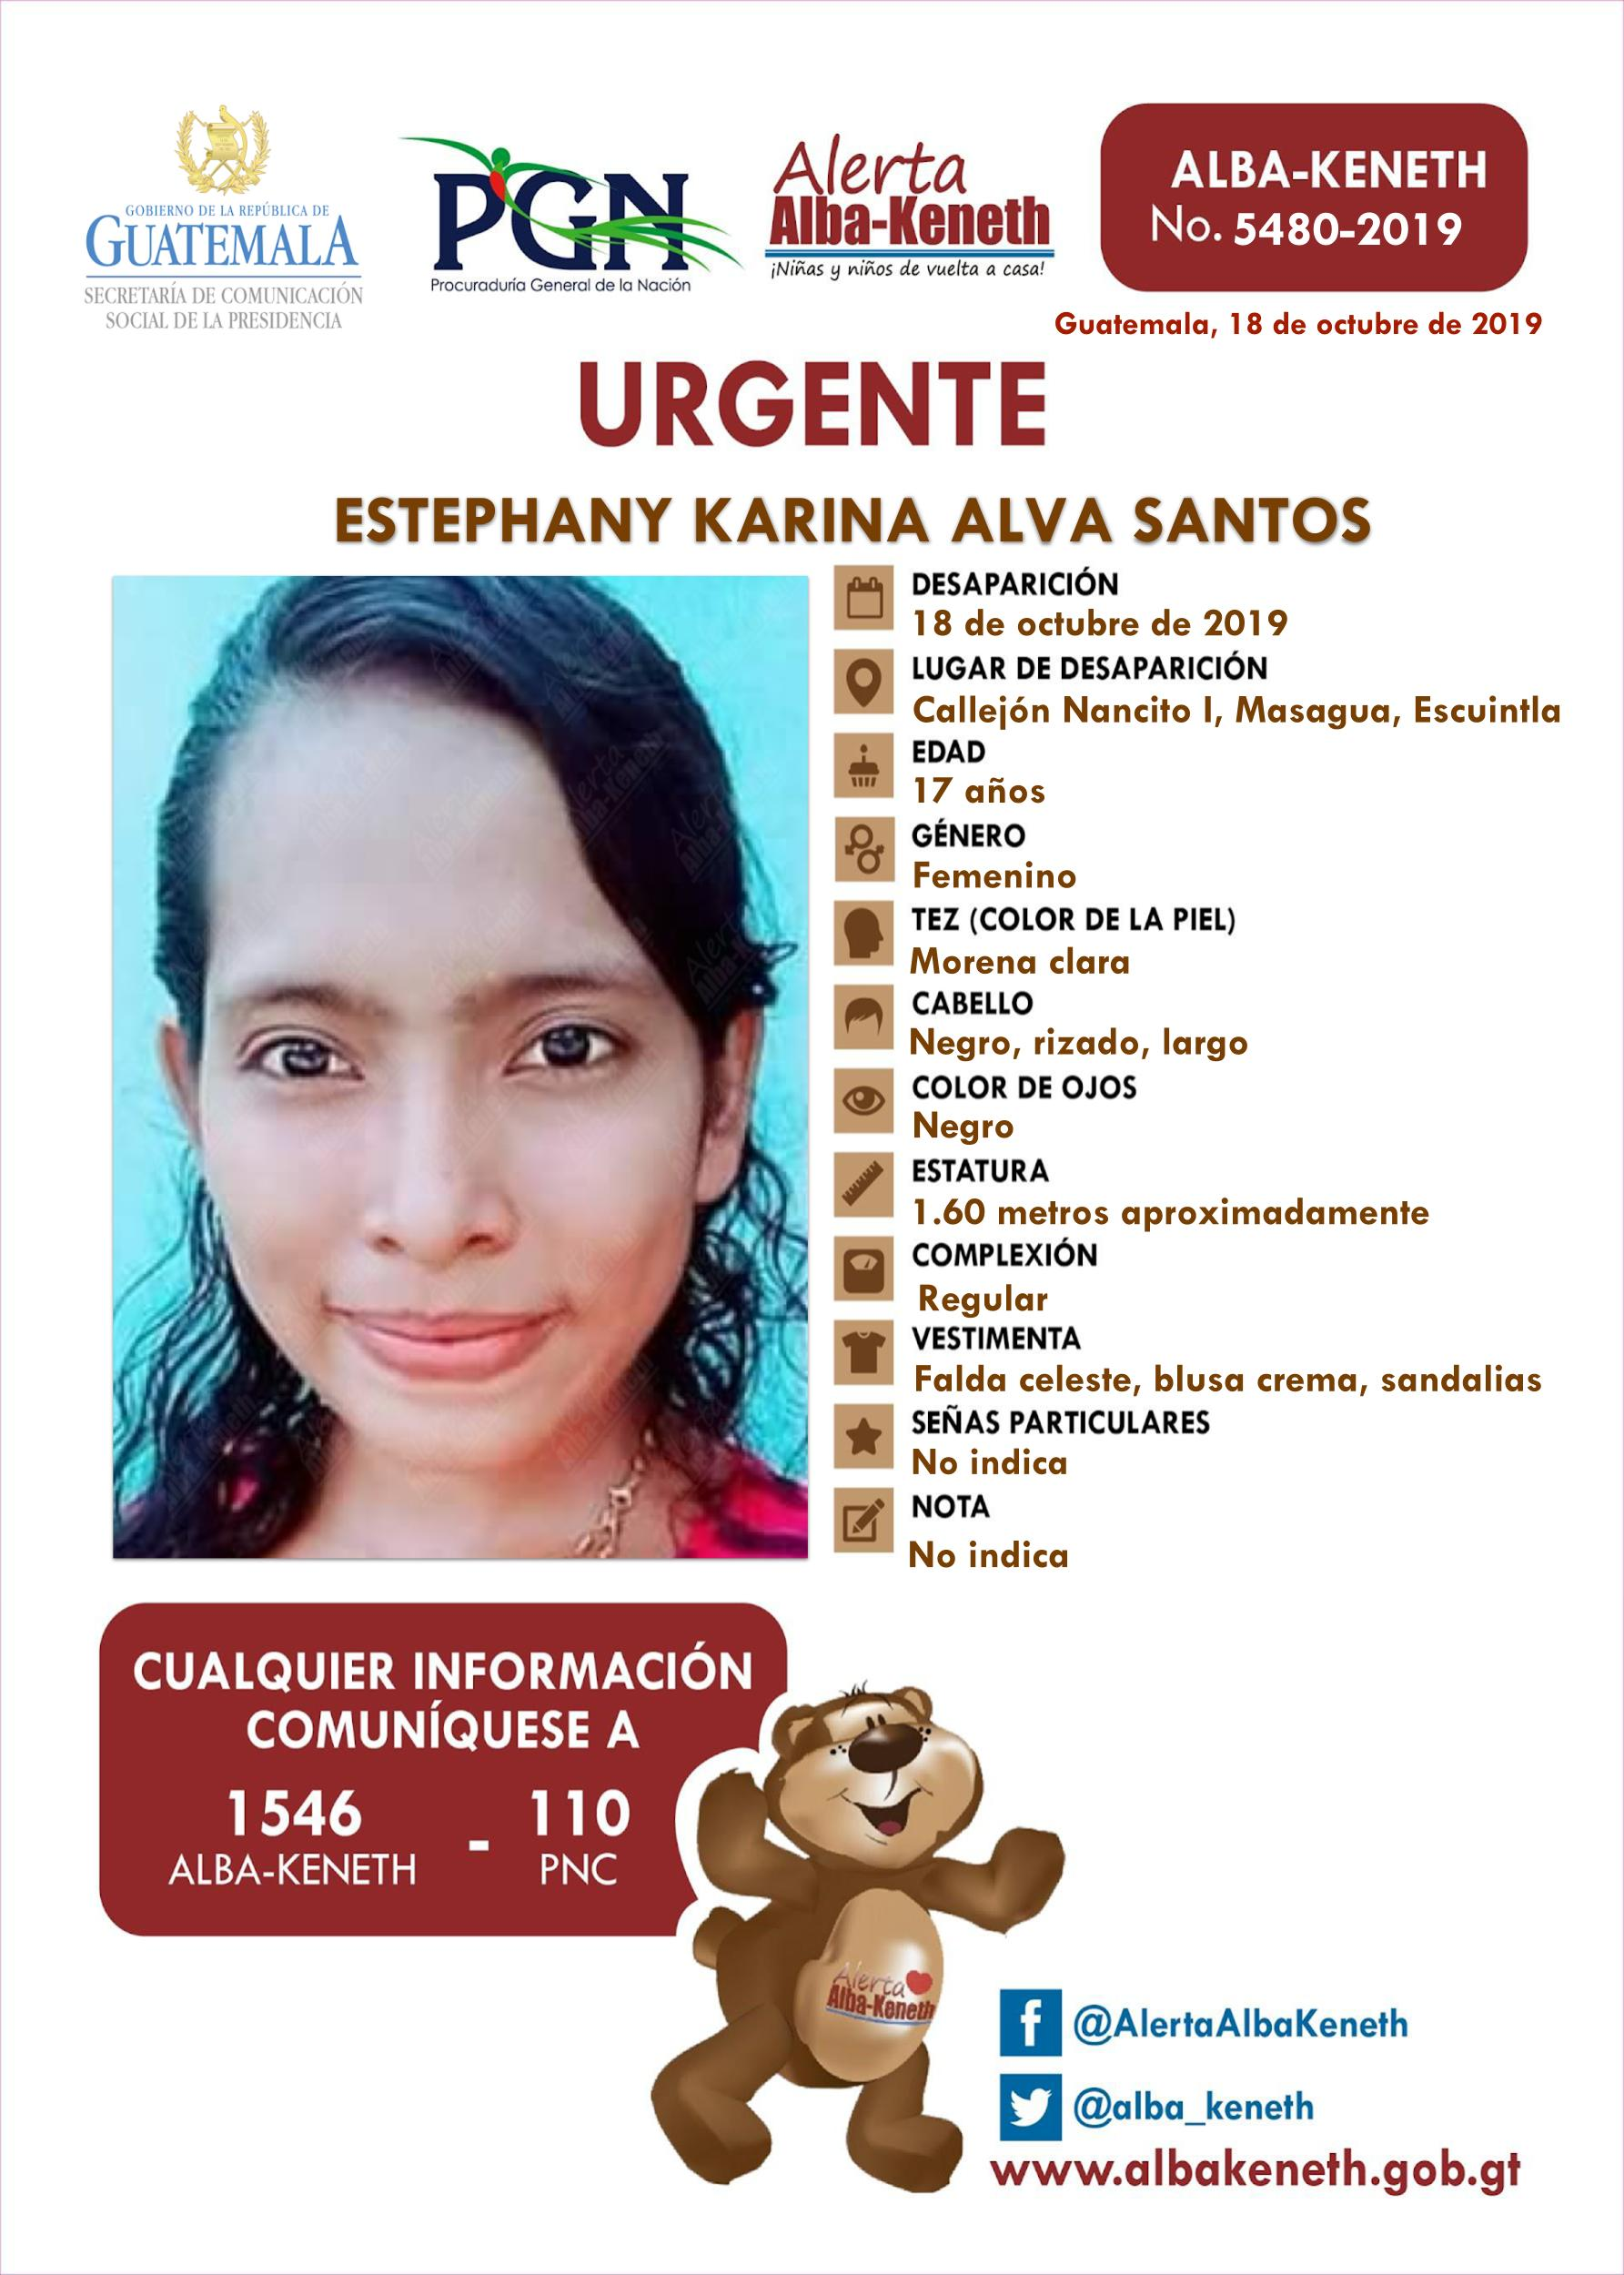 Estephany Karina Alva Santos